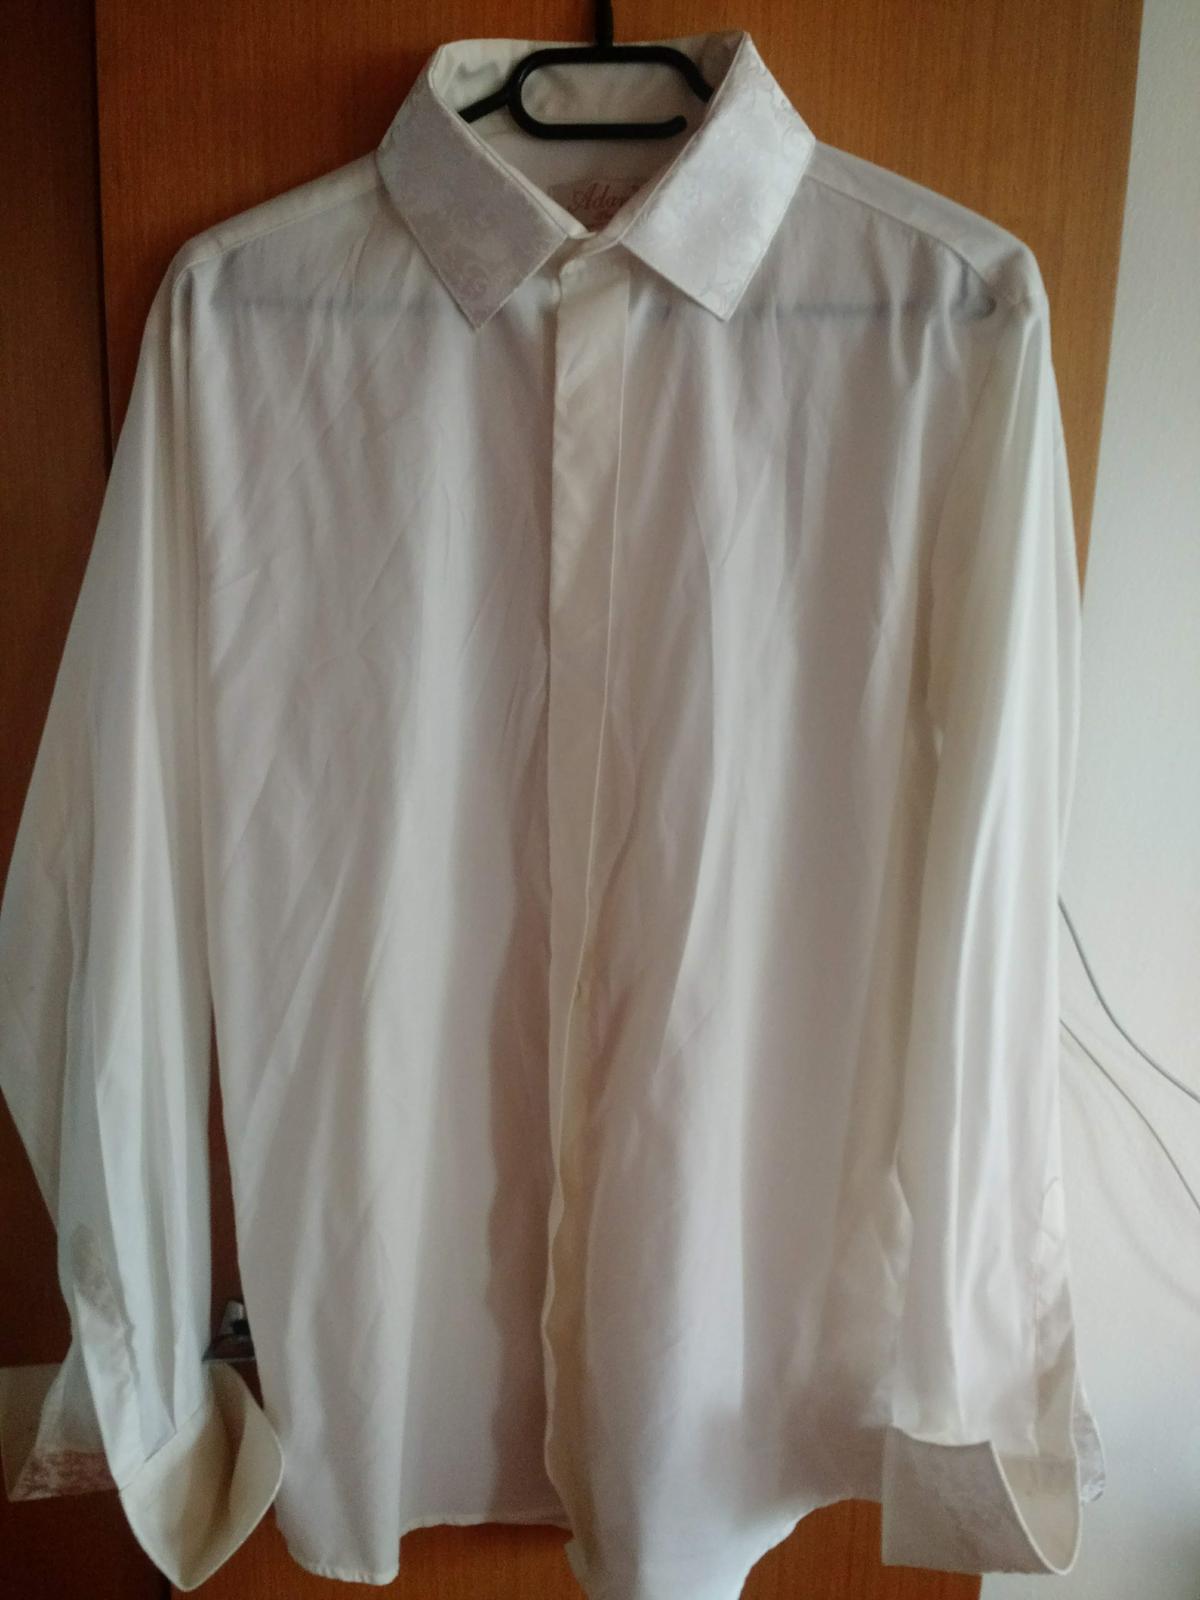 Svadobná košeľa farba ivory, veľ. 40 - Obrázok č. 4